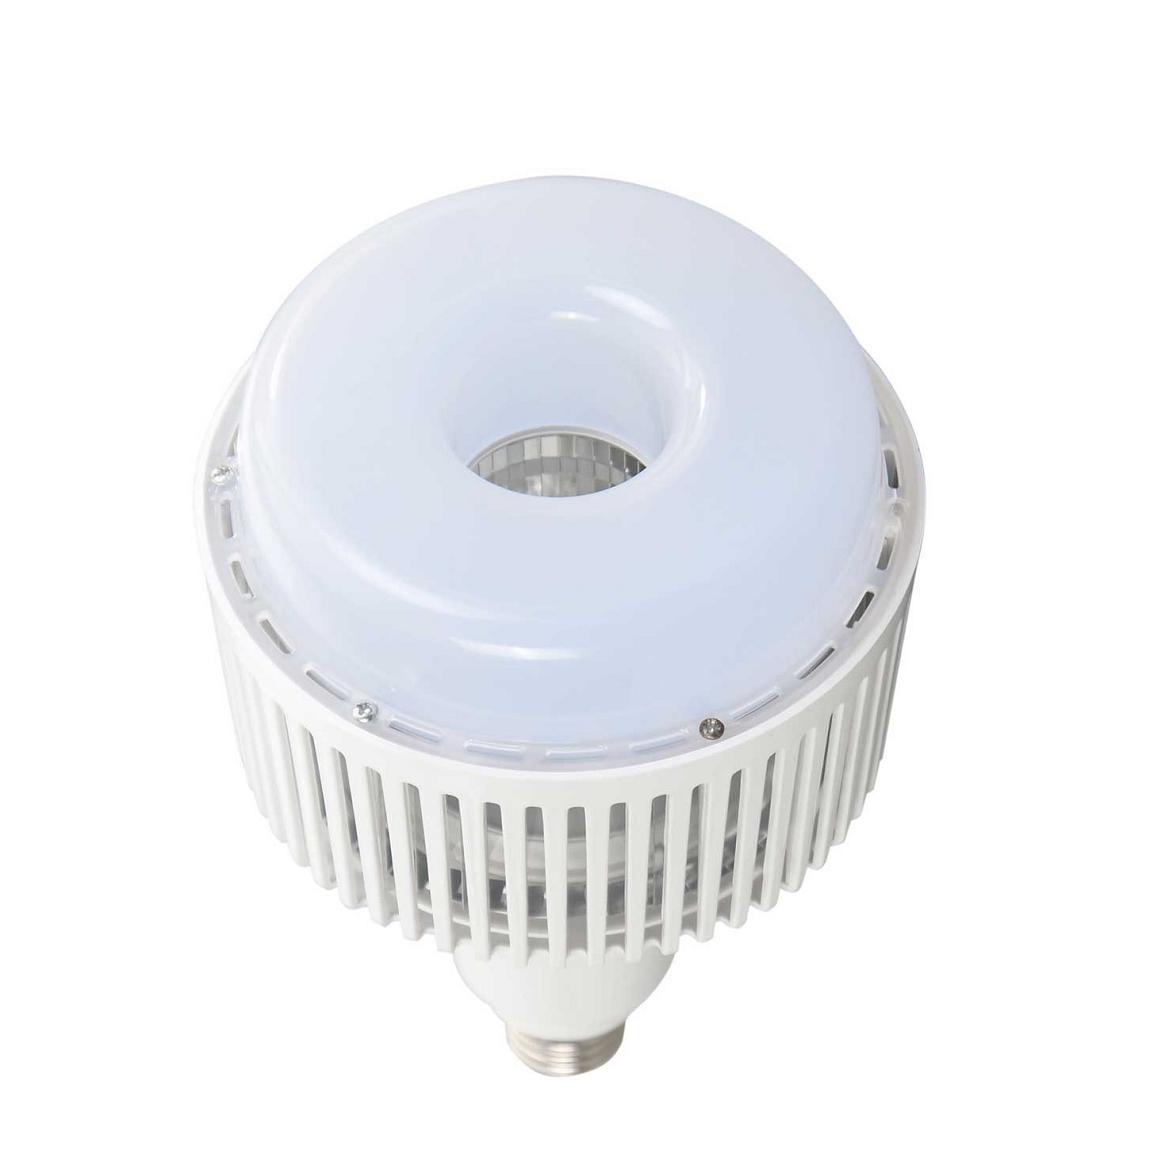 FORLIFE FL-6049 - 80 Watt LED Torch Ampul